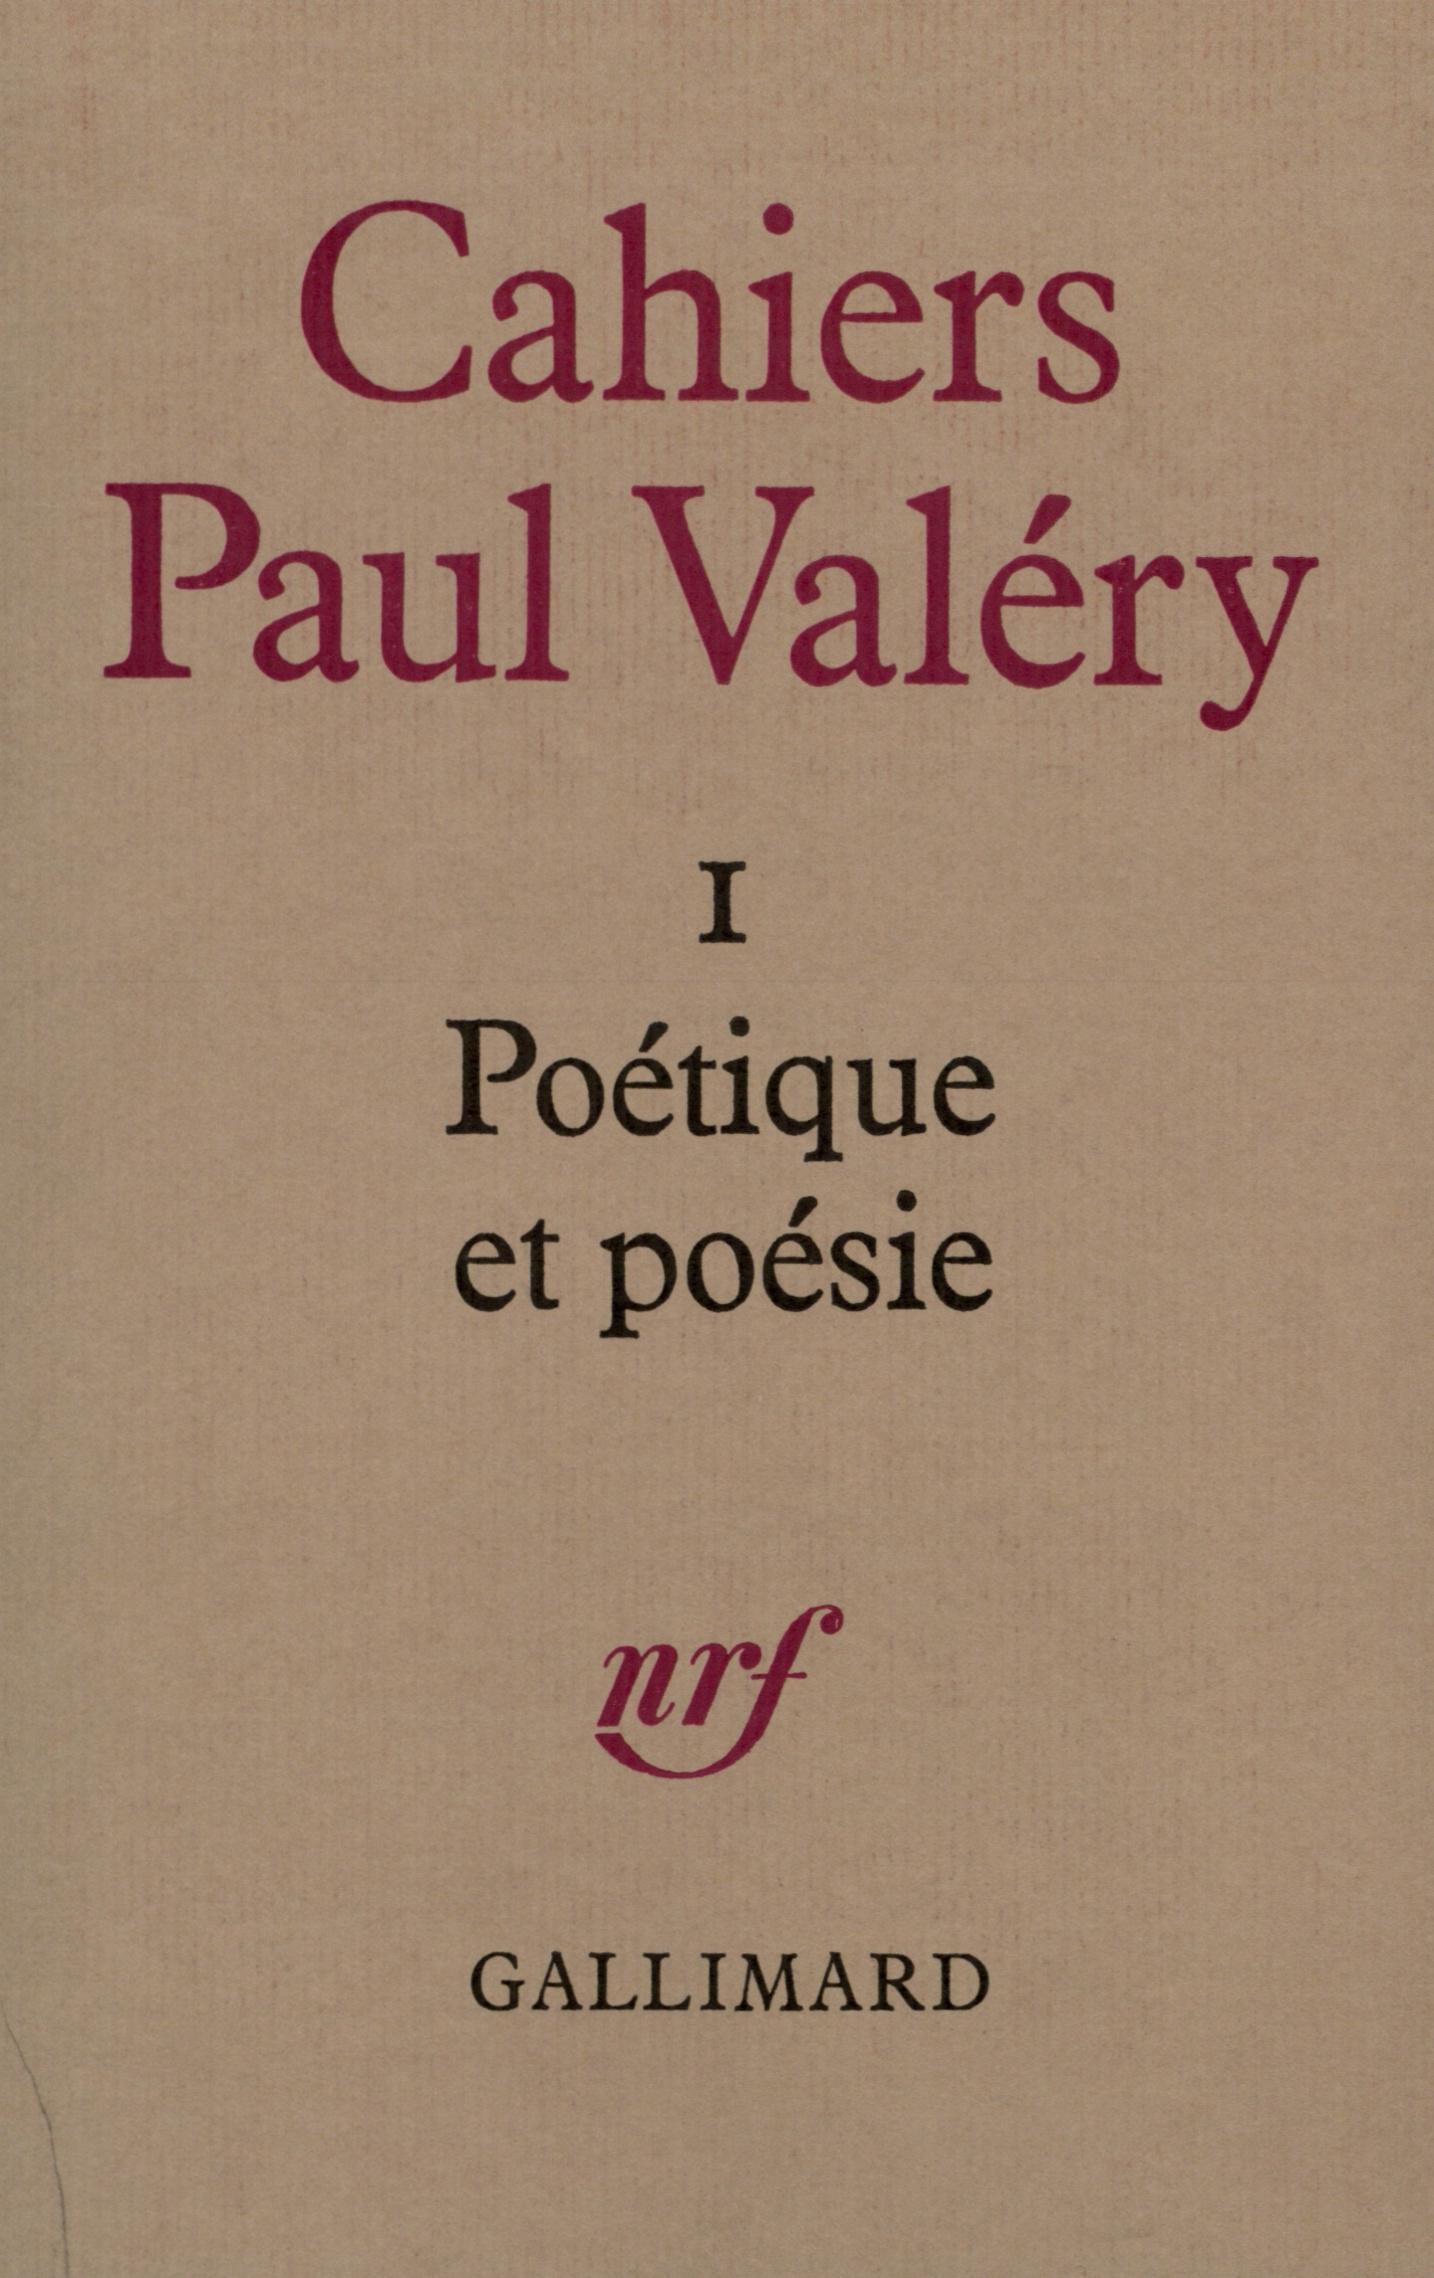 Poétique et poésie